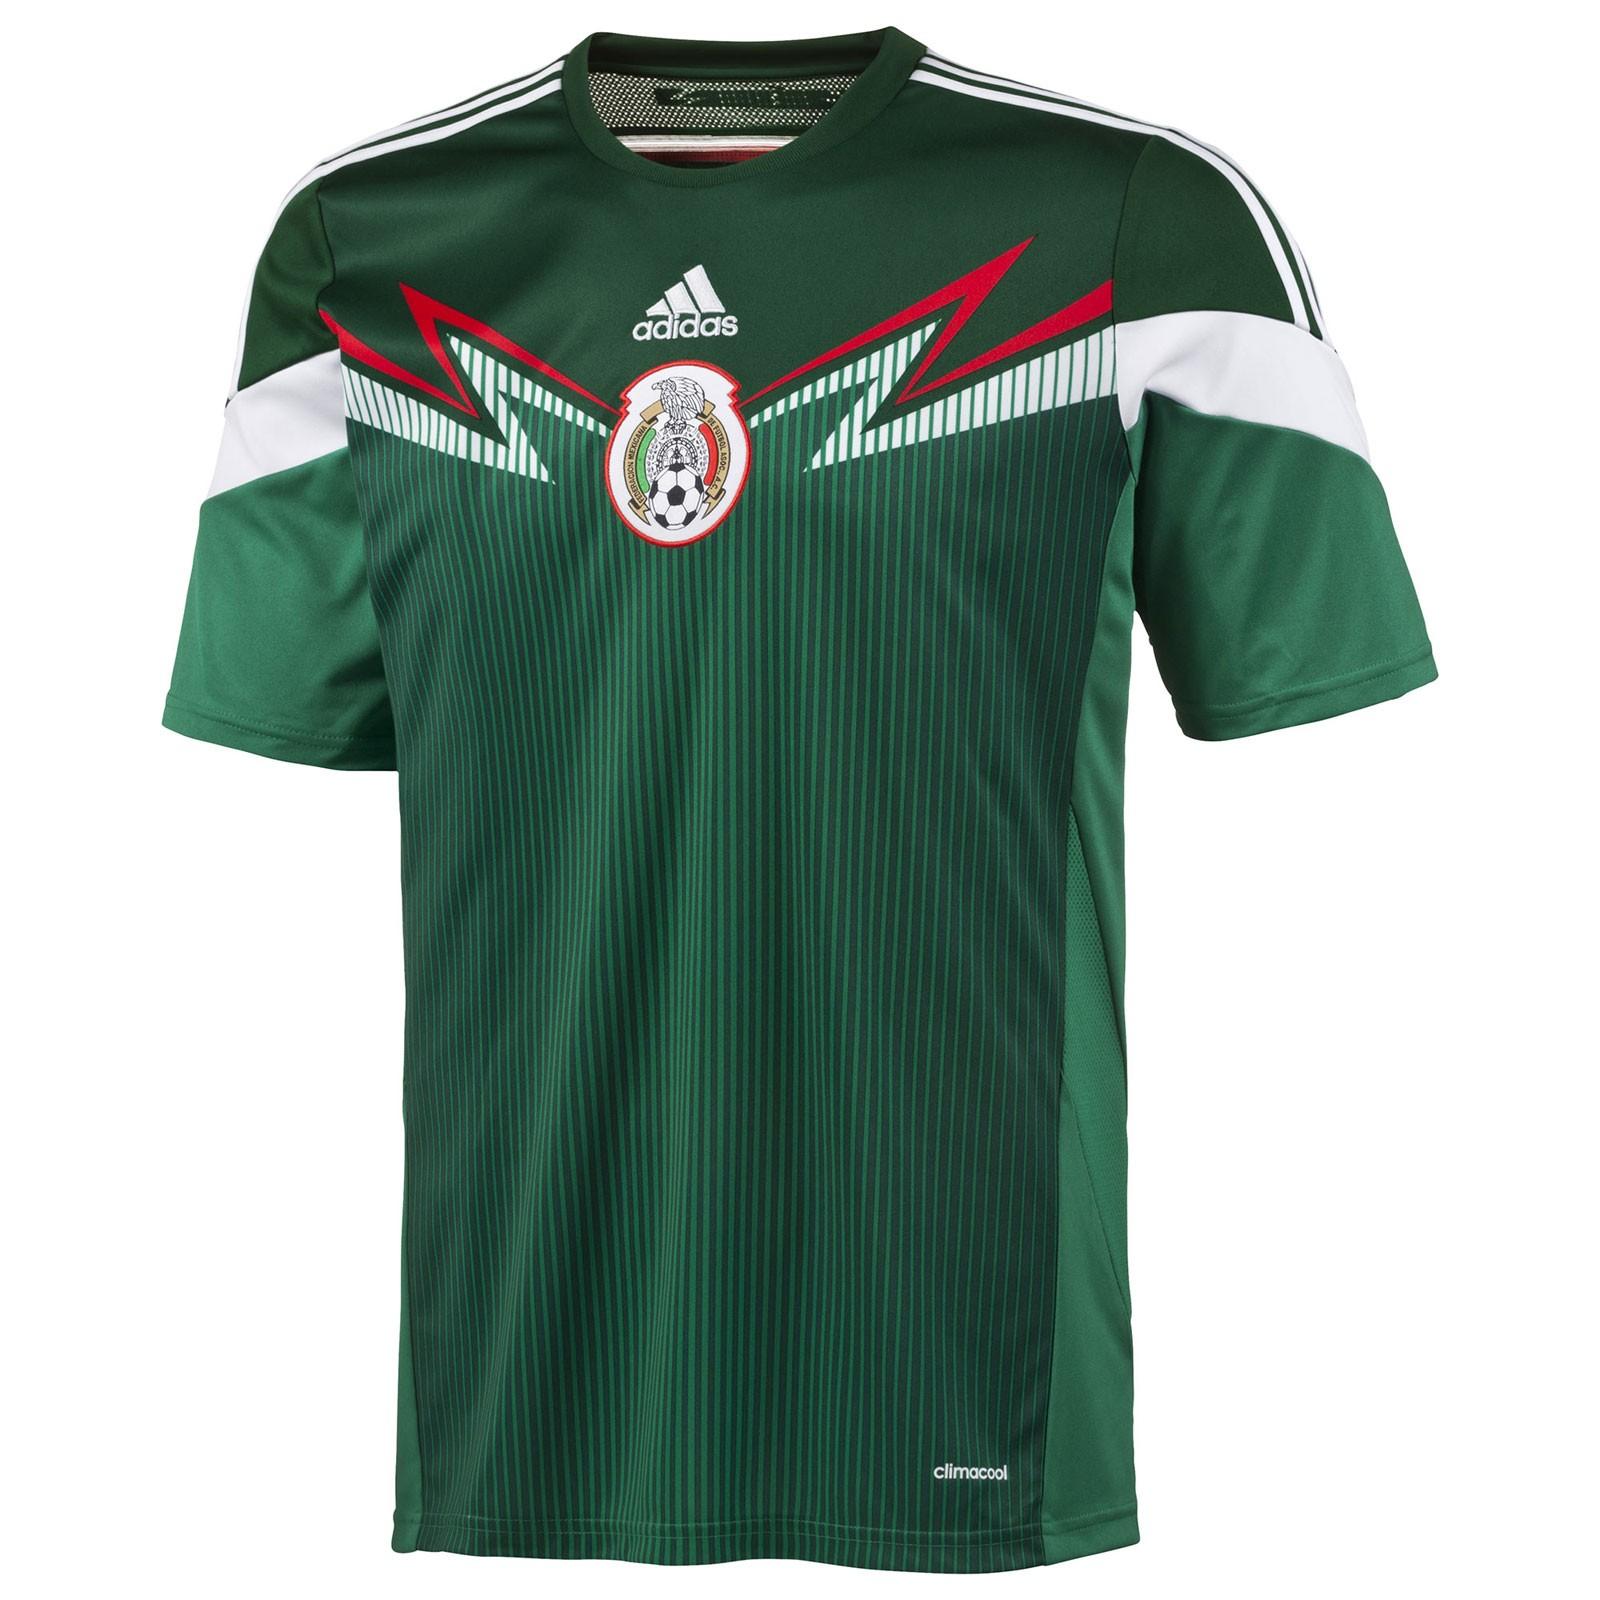 墨西哥国家队2014世界杯球迷版主场球衣